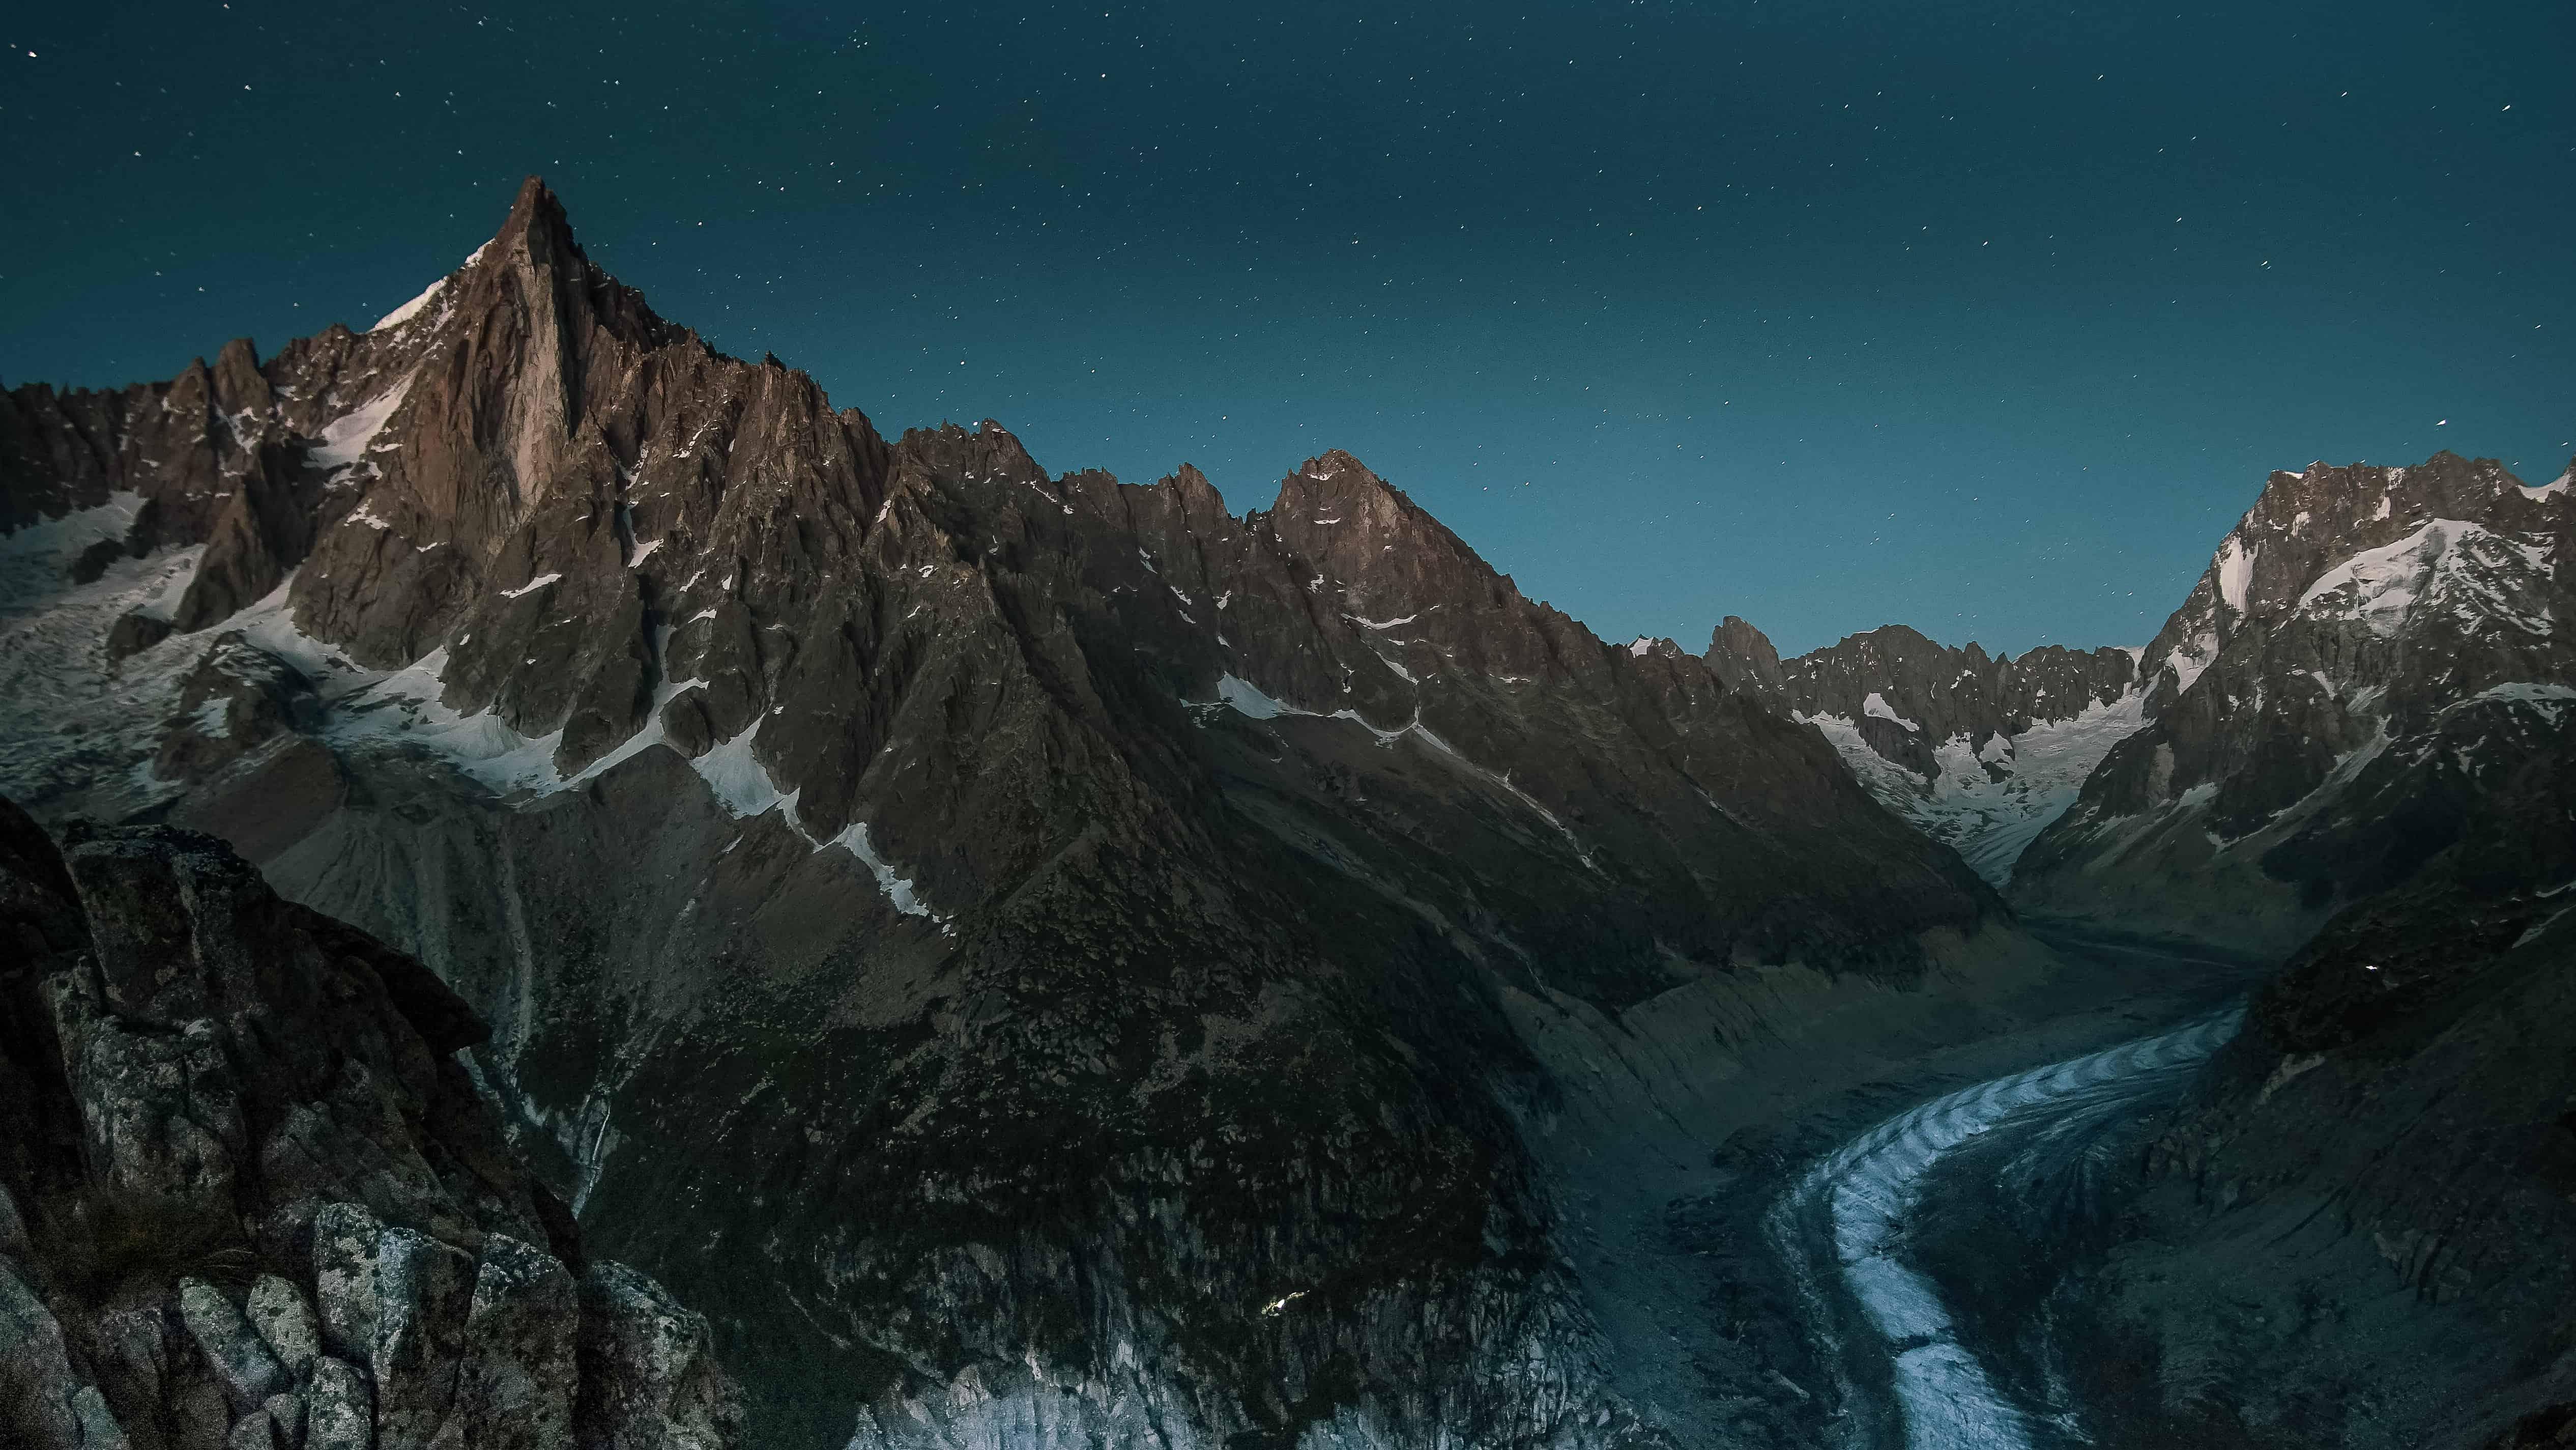 Mer de glace depuis le Signal Forbes - Chamonix